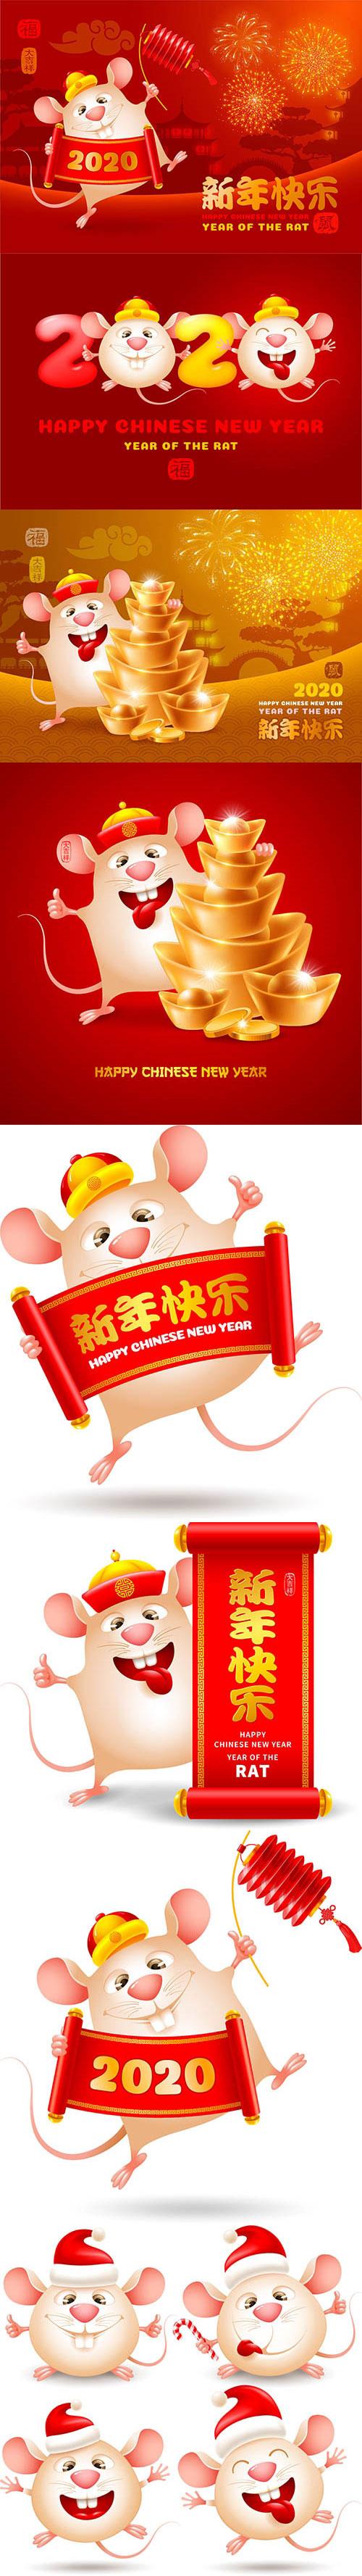 新年卡通鼠矢量